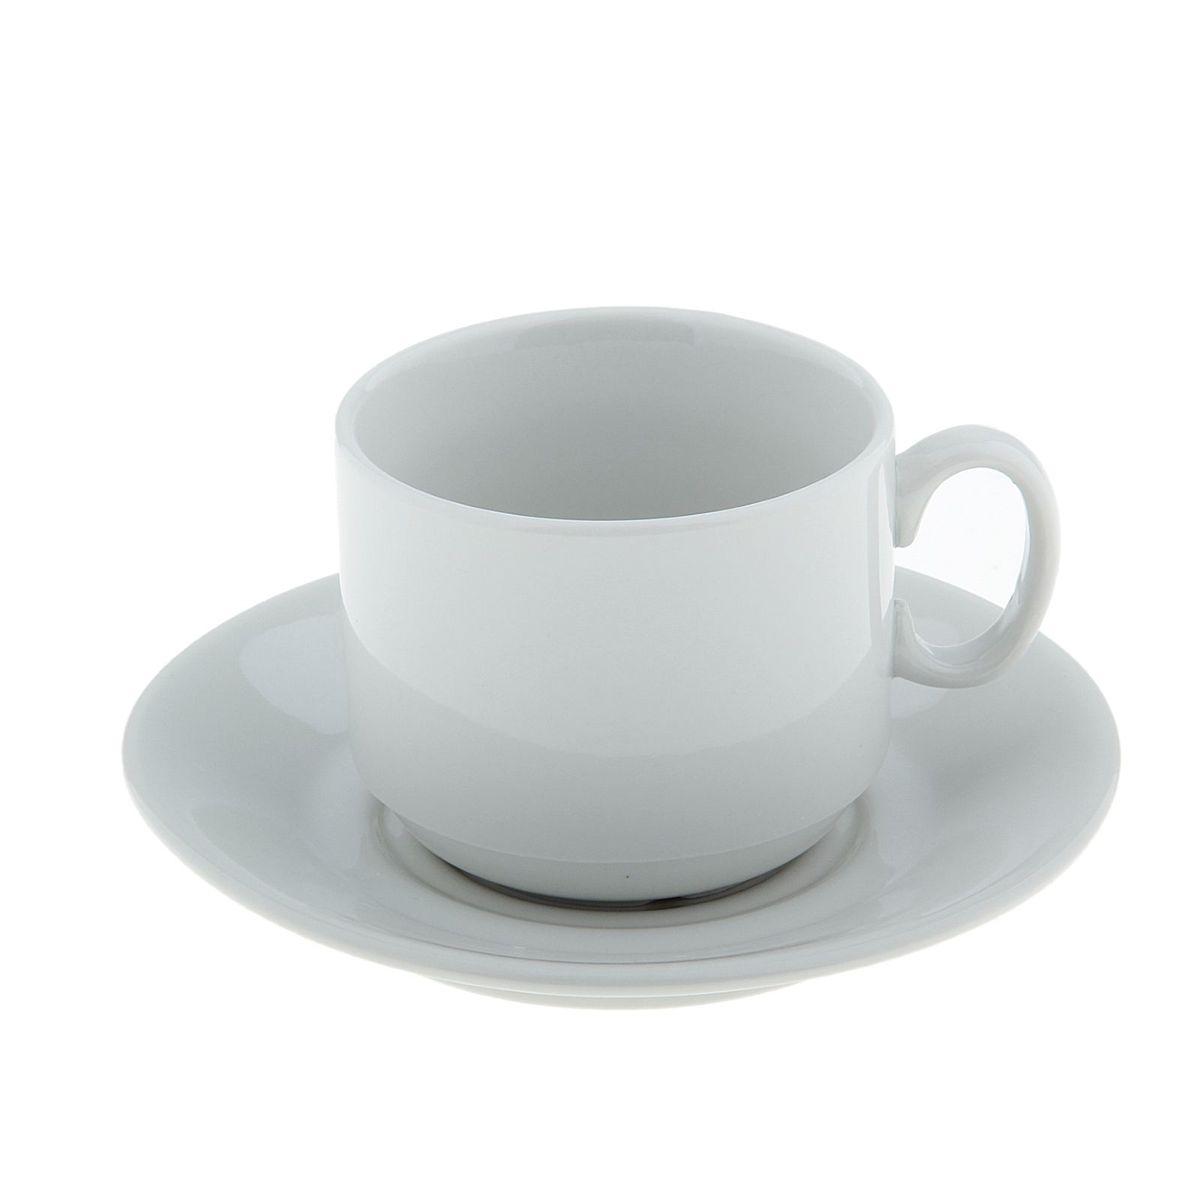 Чайная пара Экспресс. Белье, 2 предмета чайная пара кирмаш белье 2 предмета